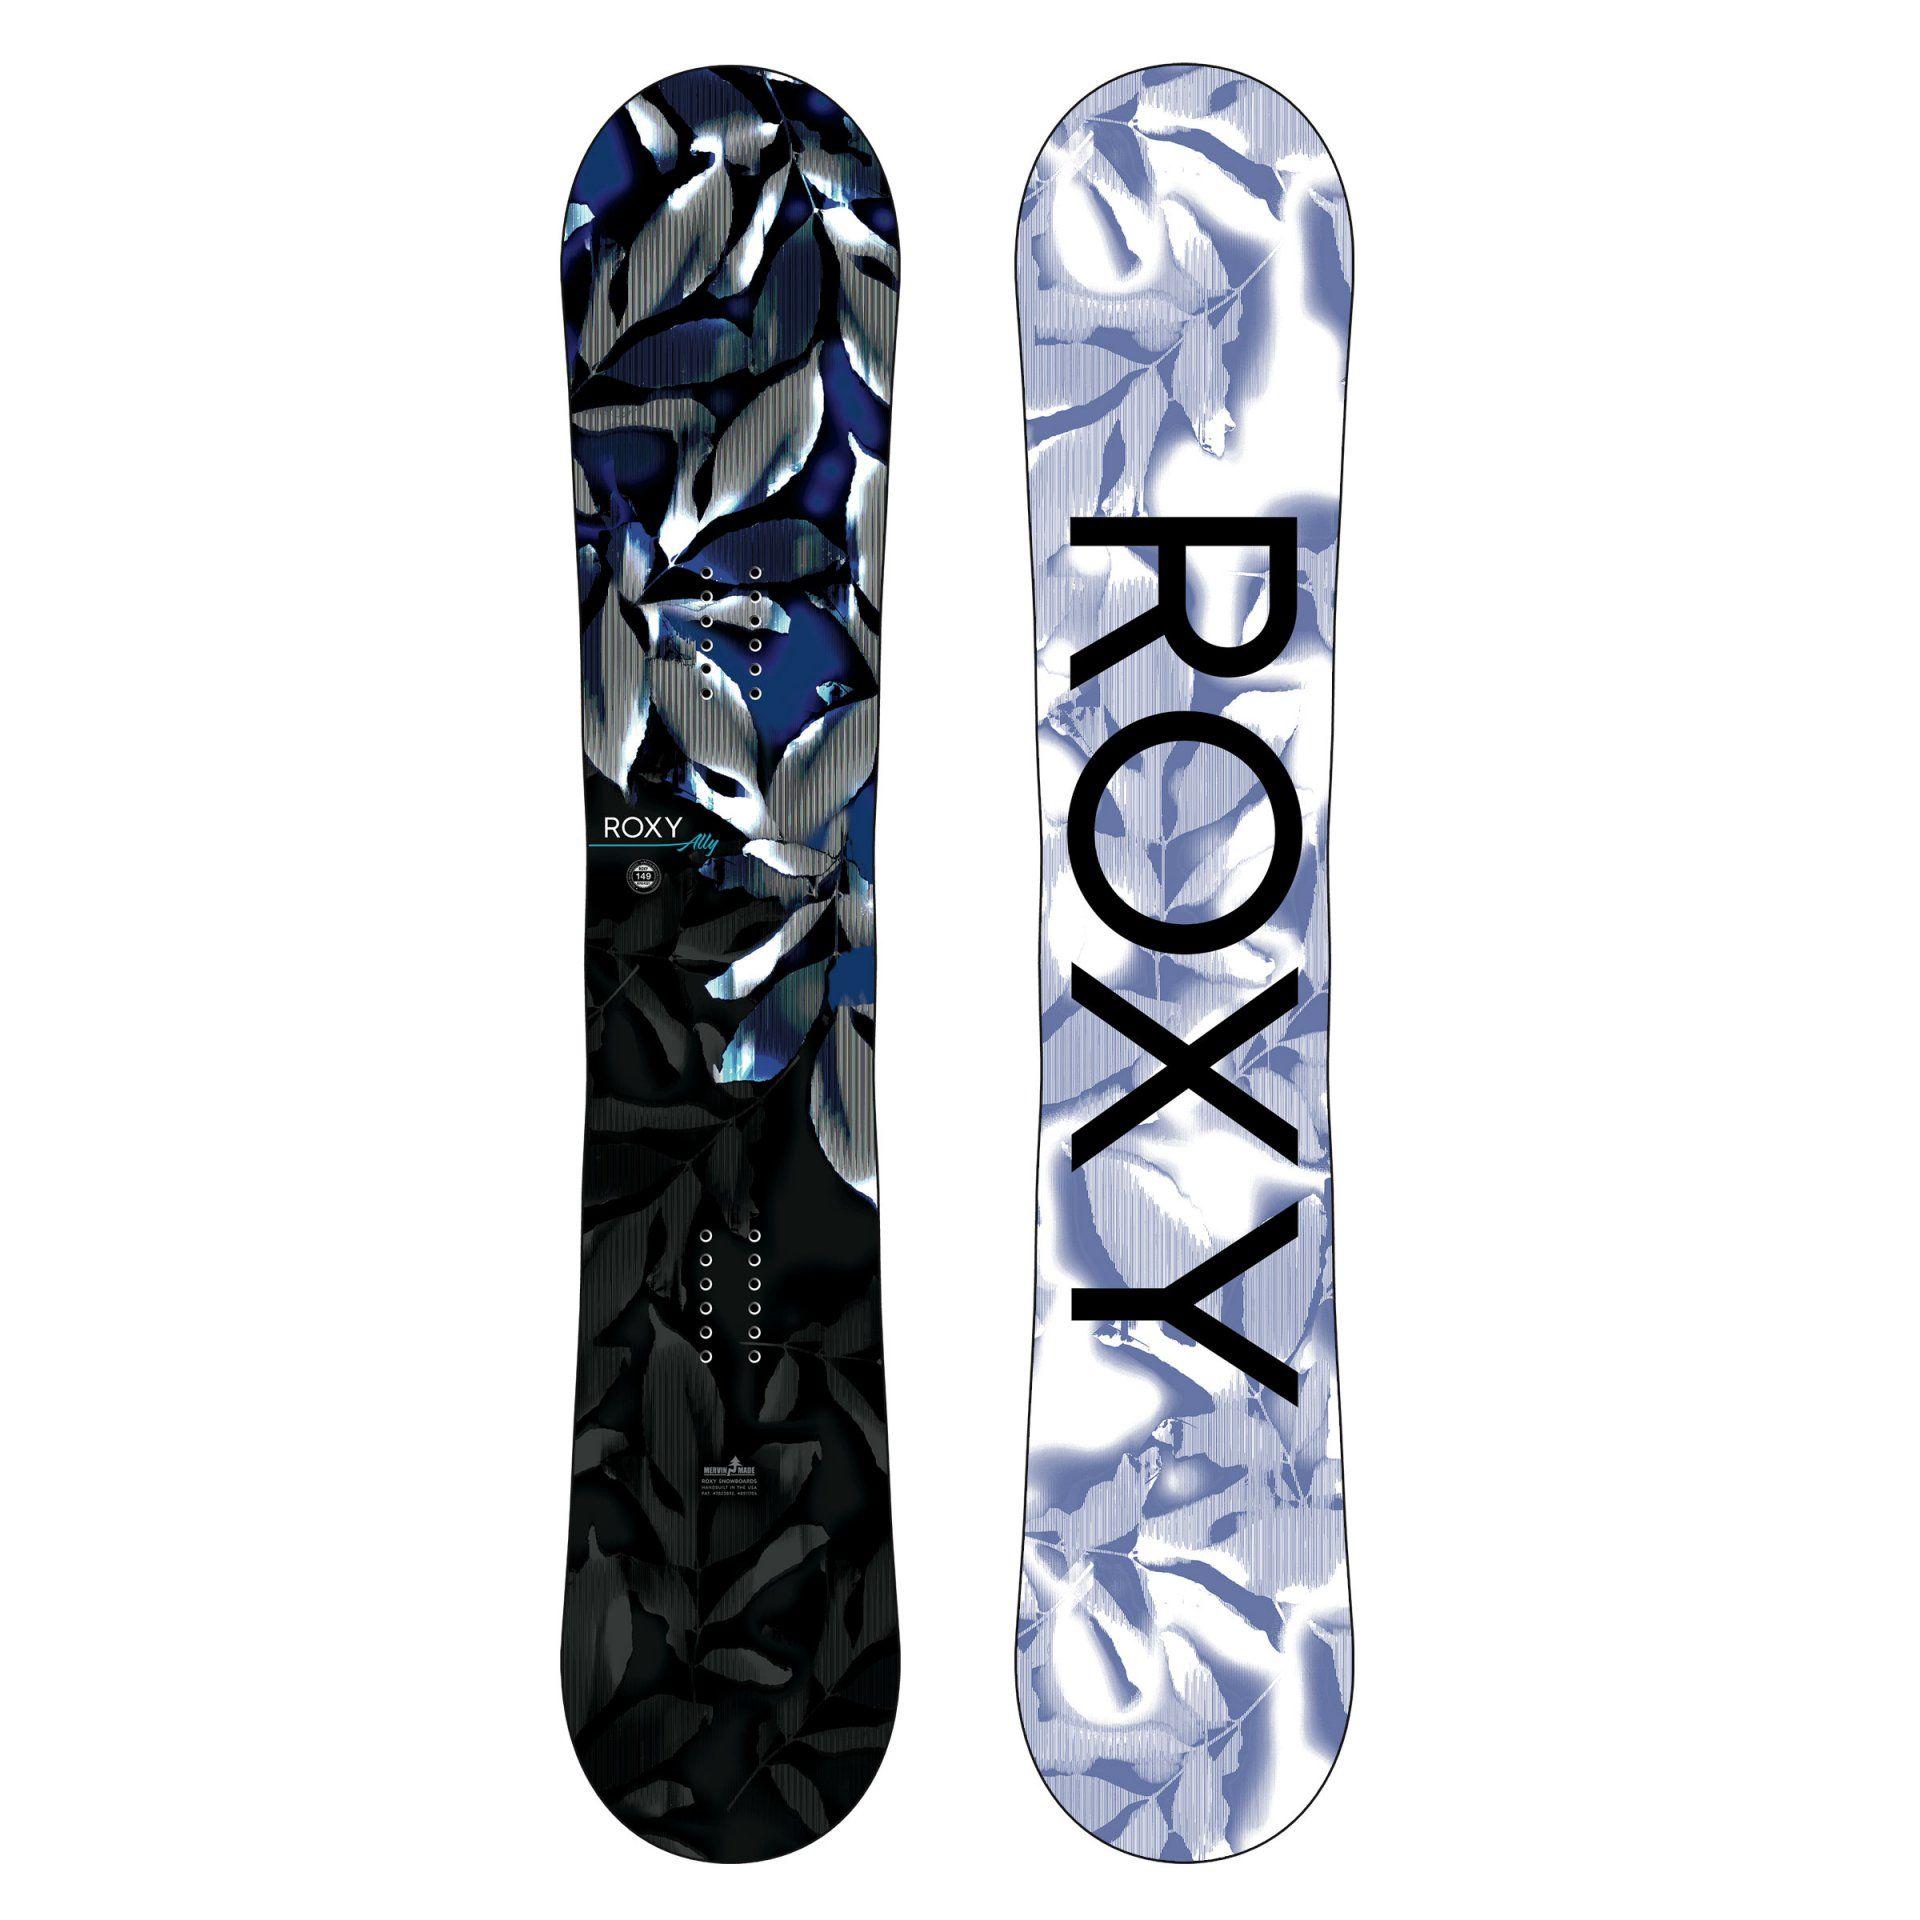 DESKA SNOWBOARDOWA ROXY ALLY 20SN063